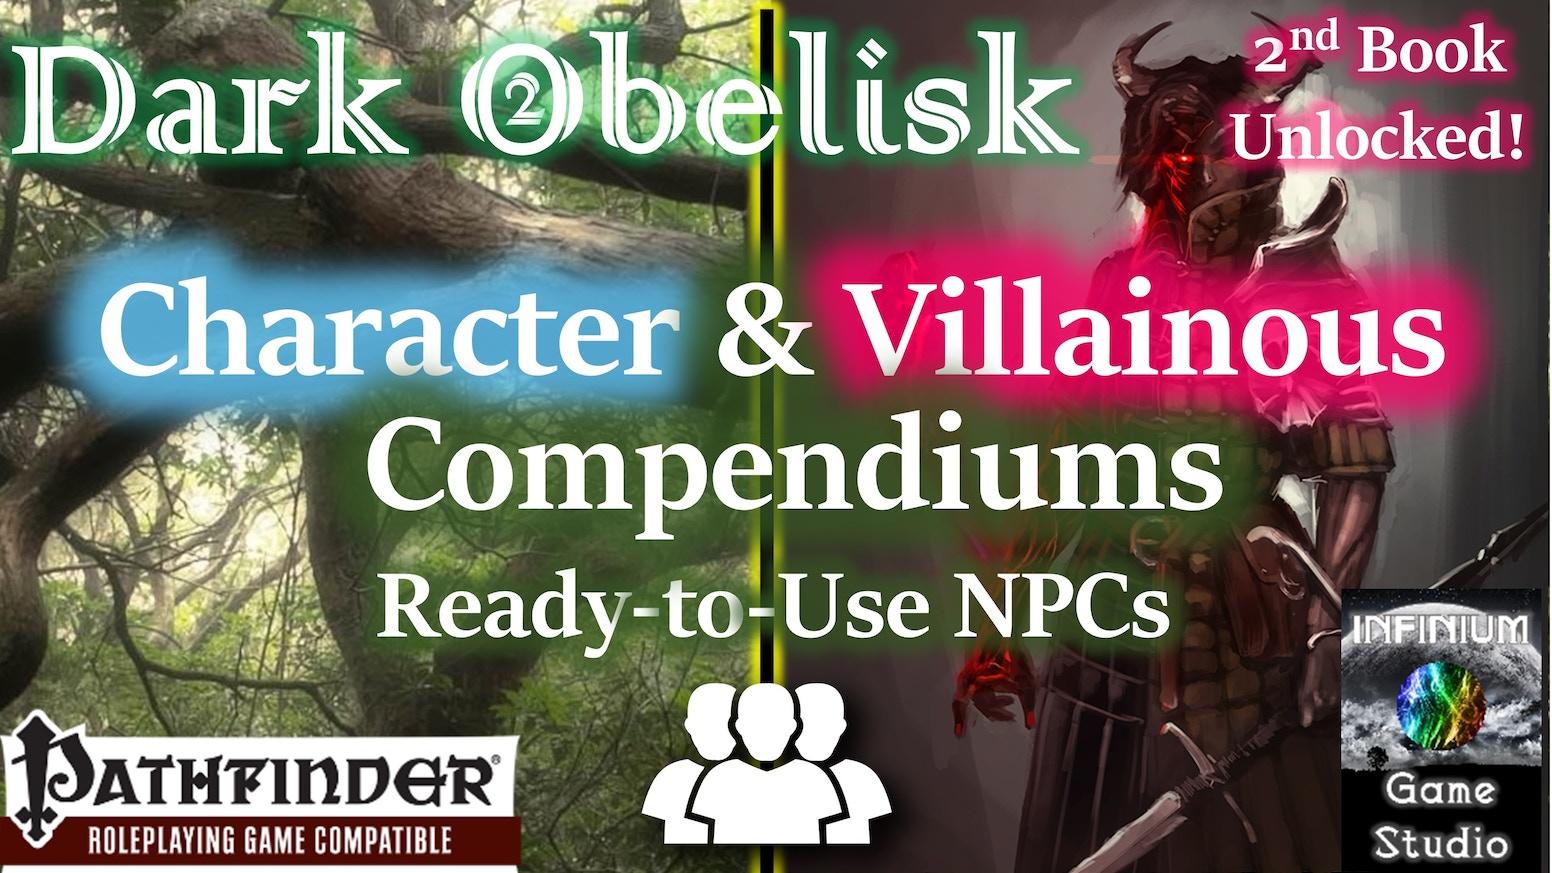 Dark Obelisk 2: Character Compendium for Pathfinder RPG by J